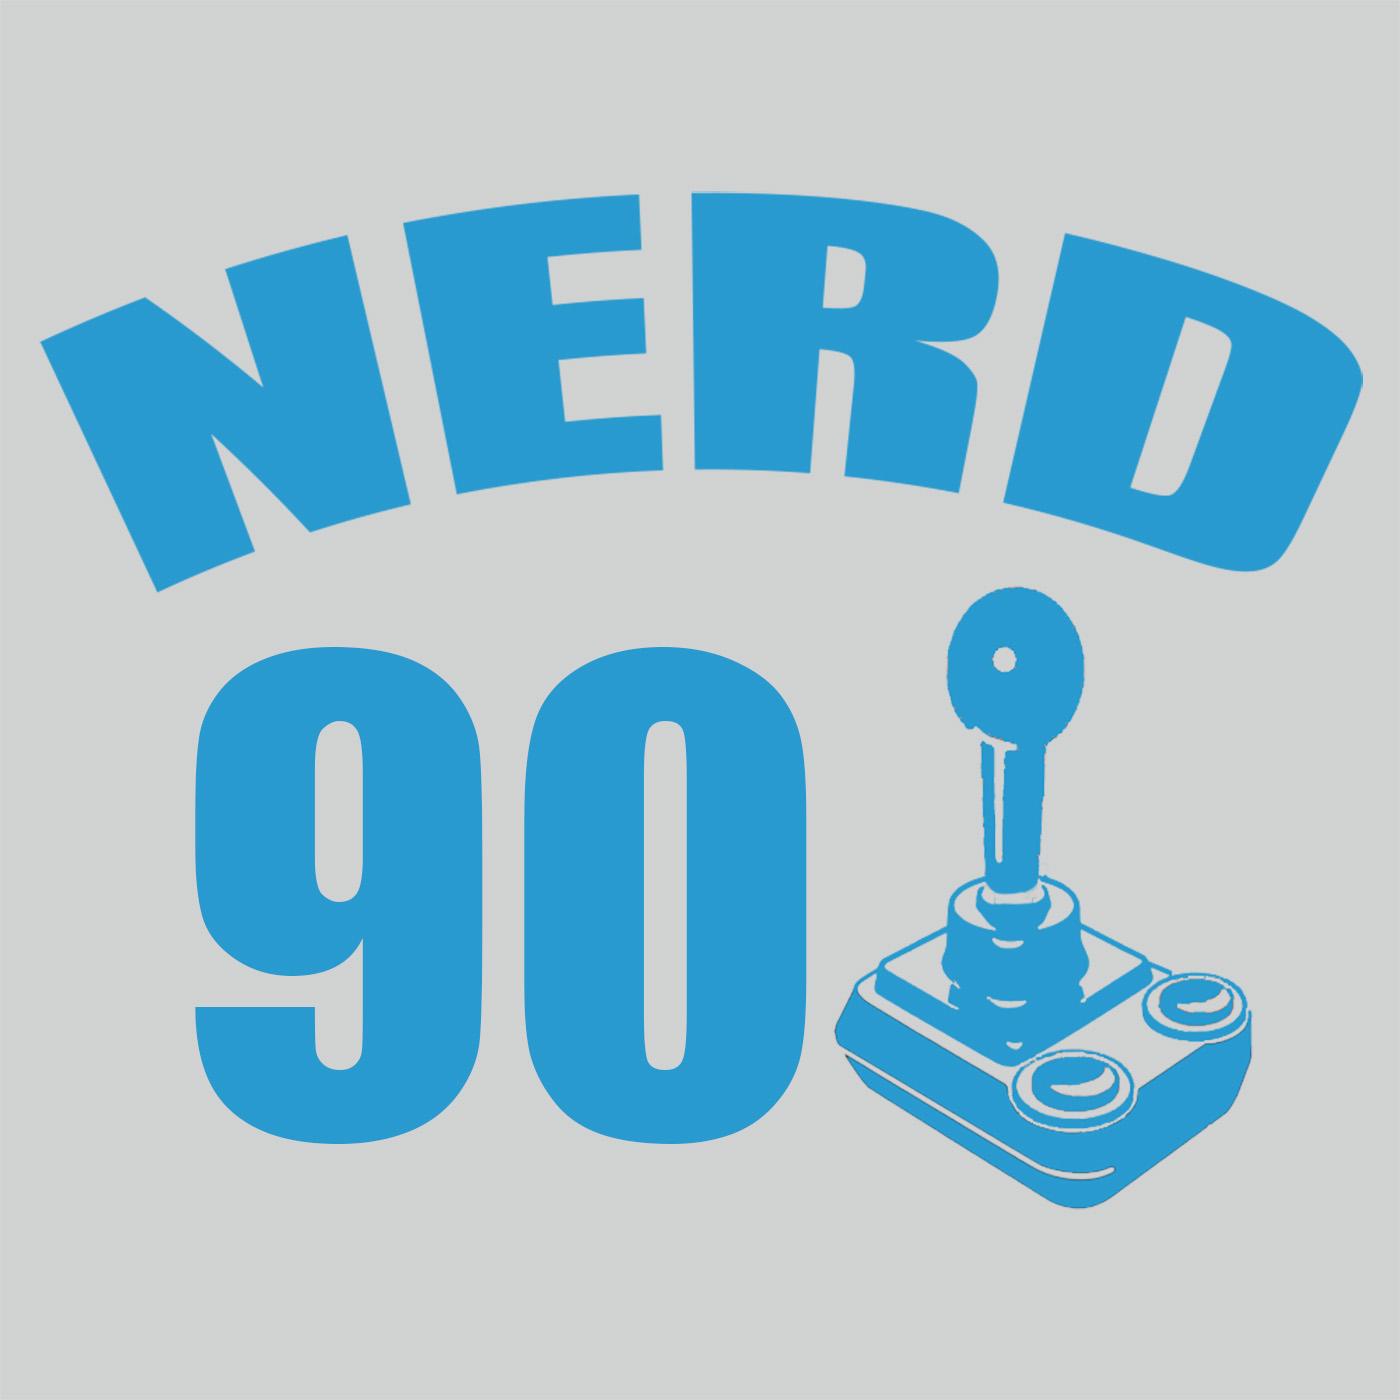 Nerd901 Podcast.jpg